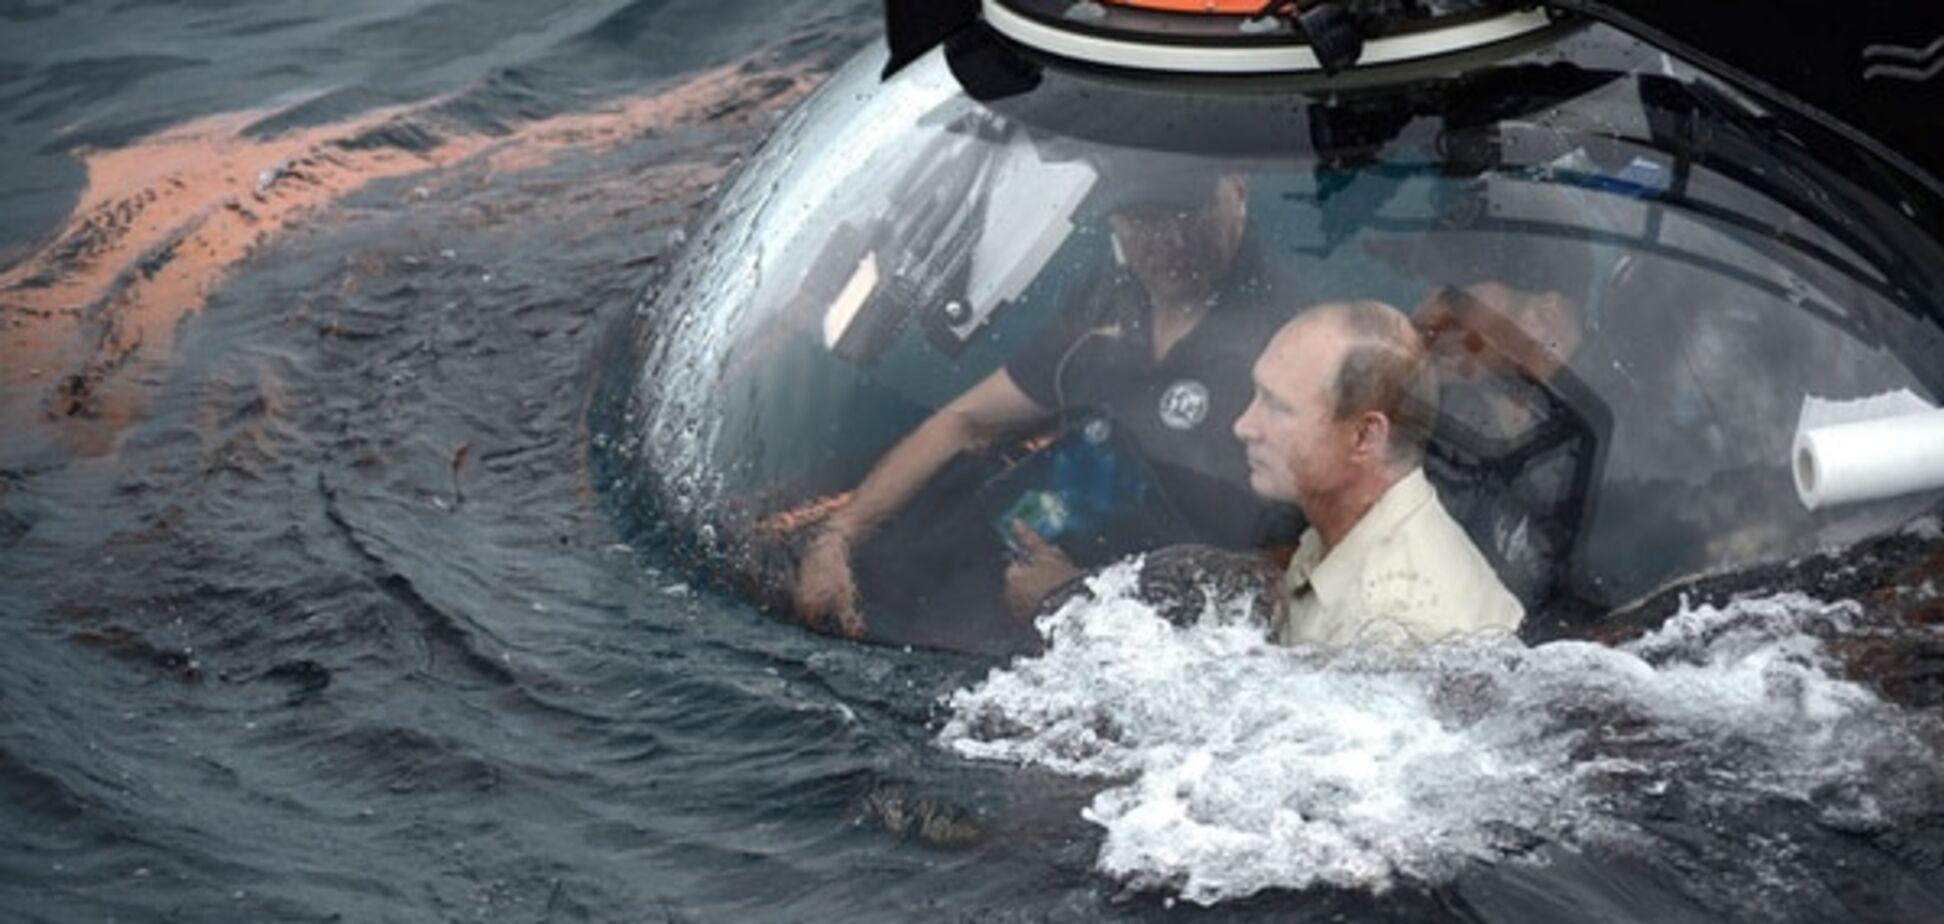 Щось неймовірне: у Путіна визнали багаторічну банківську кризу